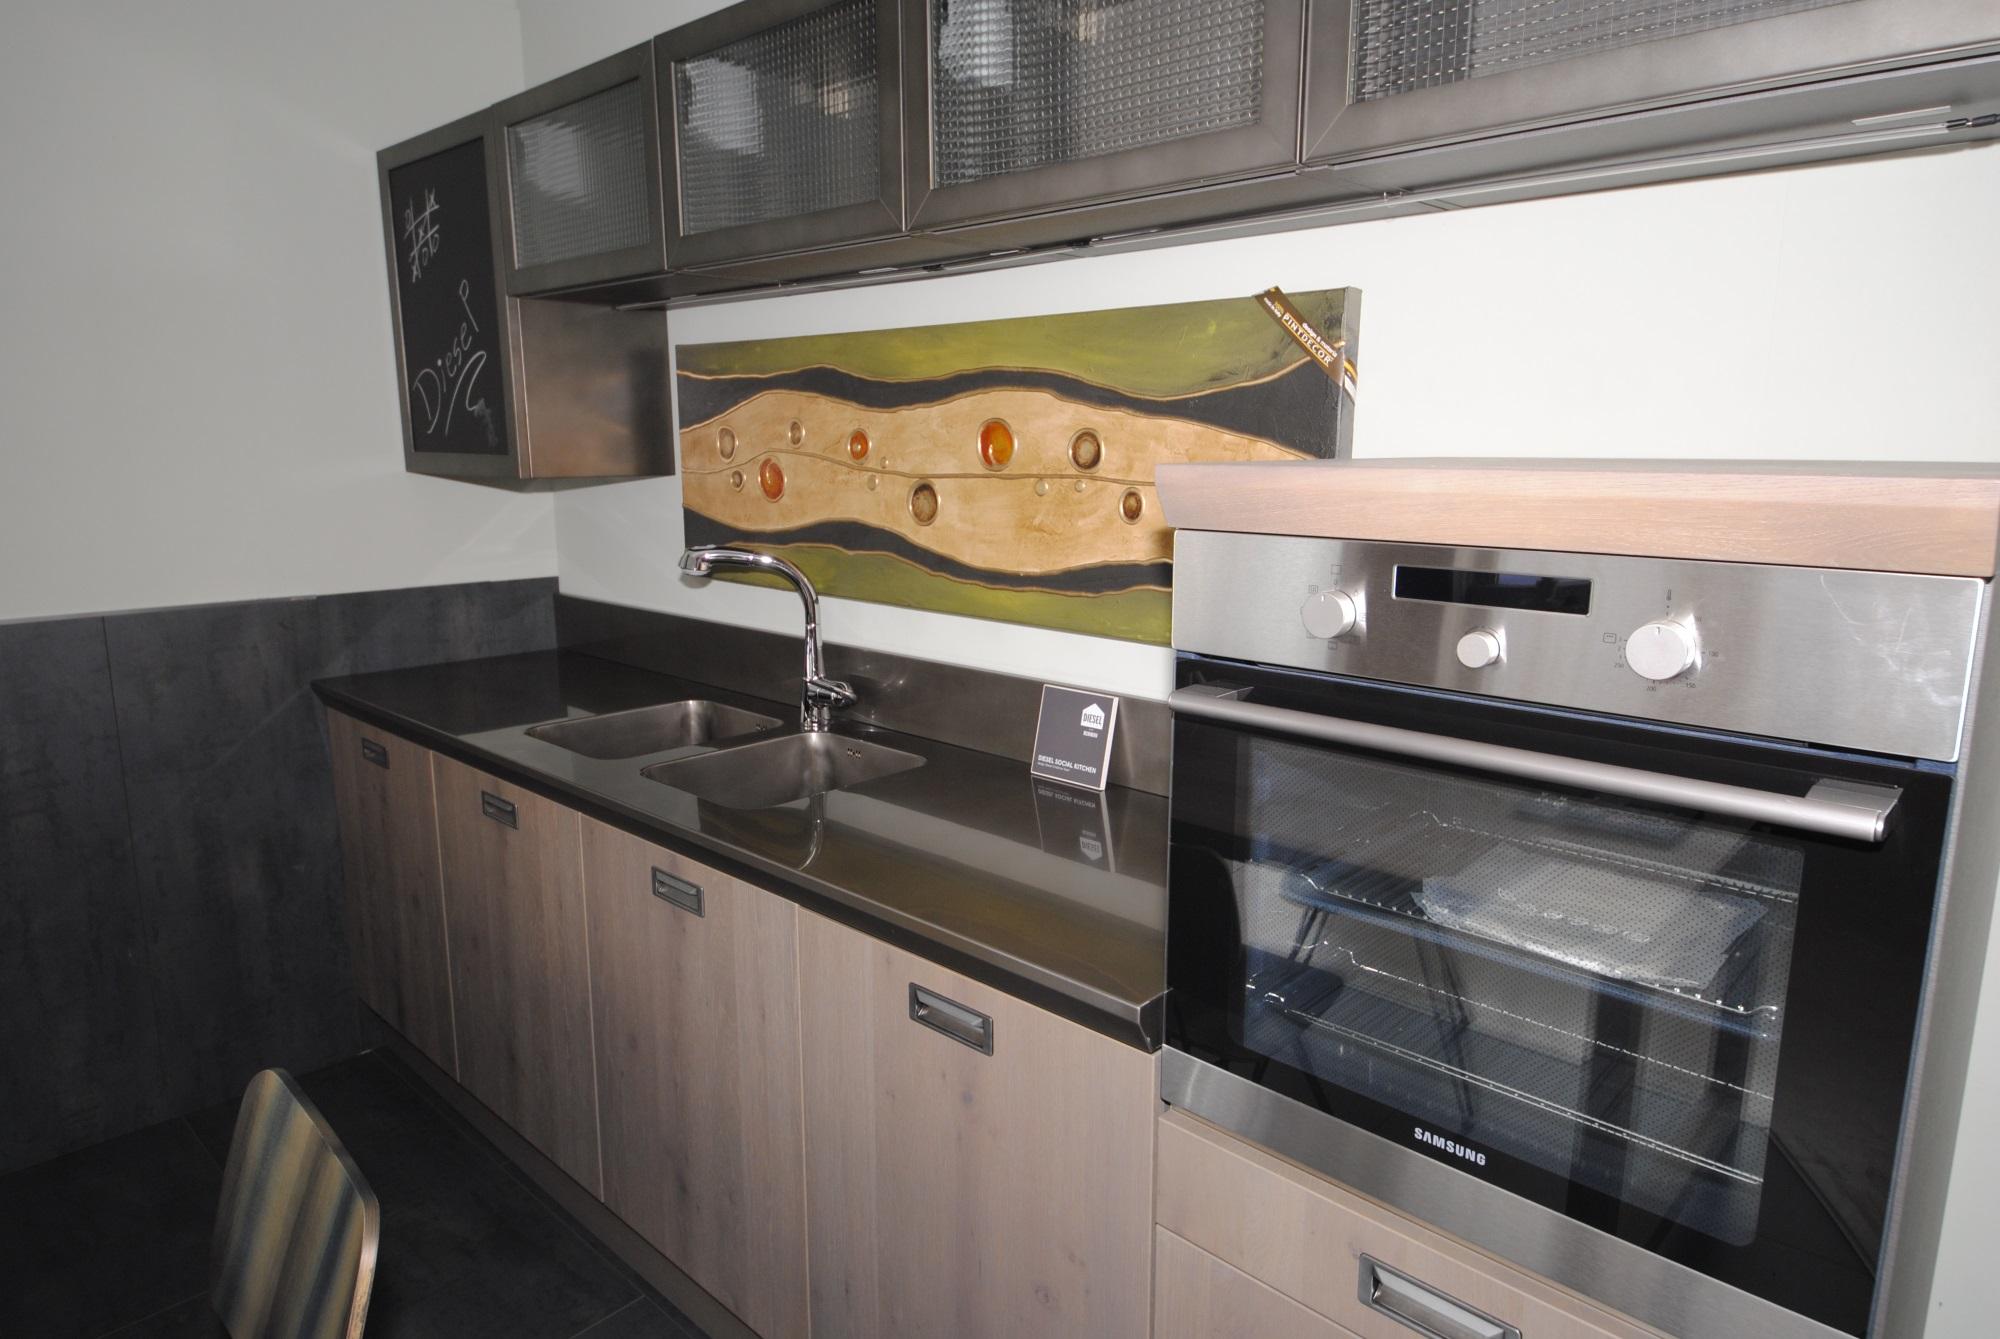 Offerta cucina scavolini modello diesel social kitchen san gaetano arredamenti - Costo cucina scavolini ...